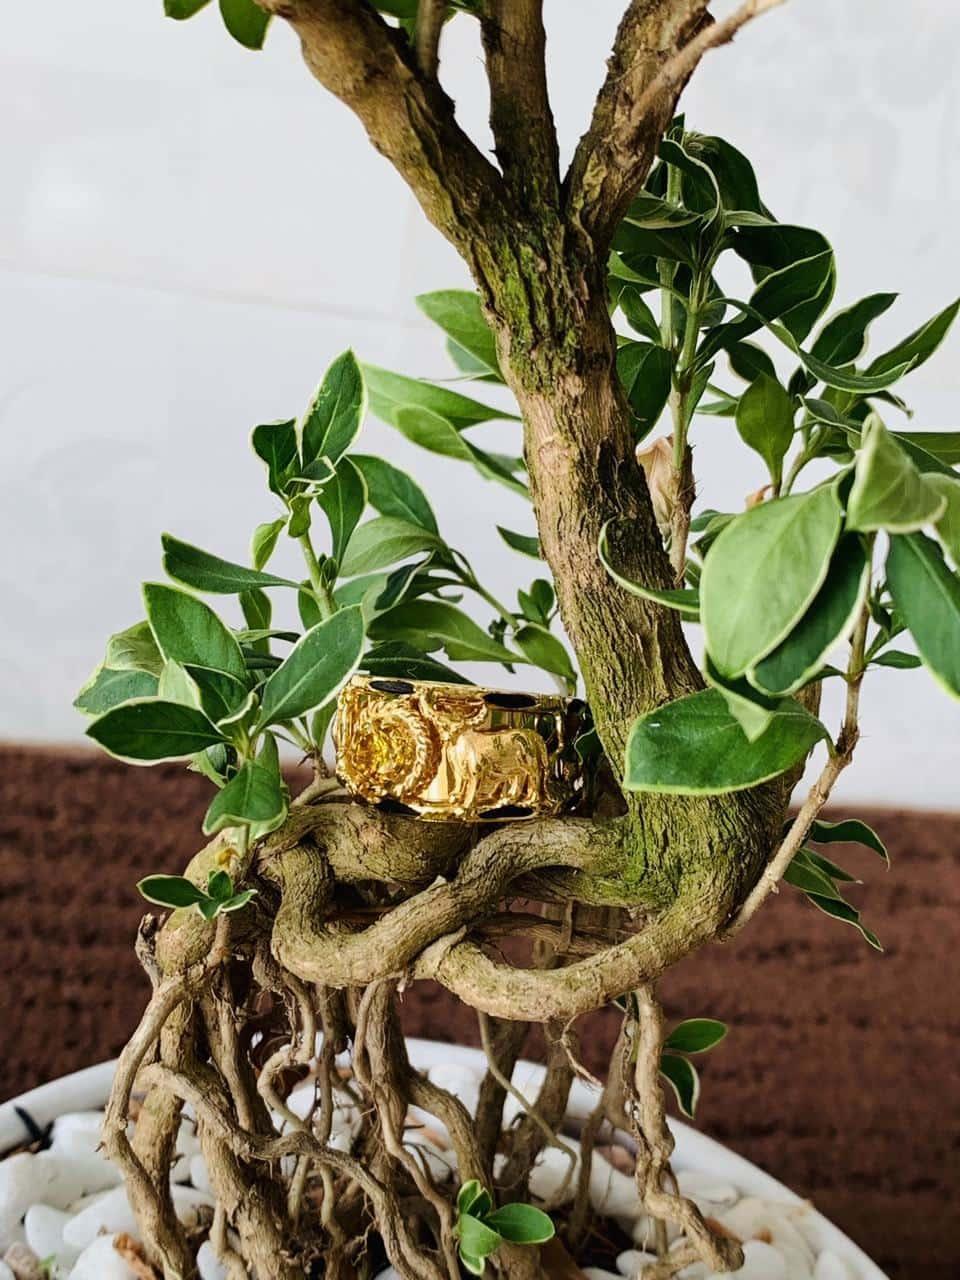 Nhẫn phong thủy tuổi Sửu - Nhẫn 2 Trâu ngậm ngọc Cz vàng Riogems